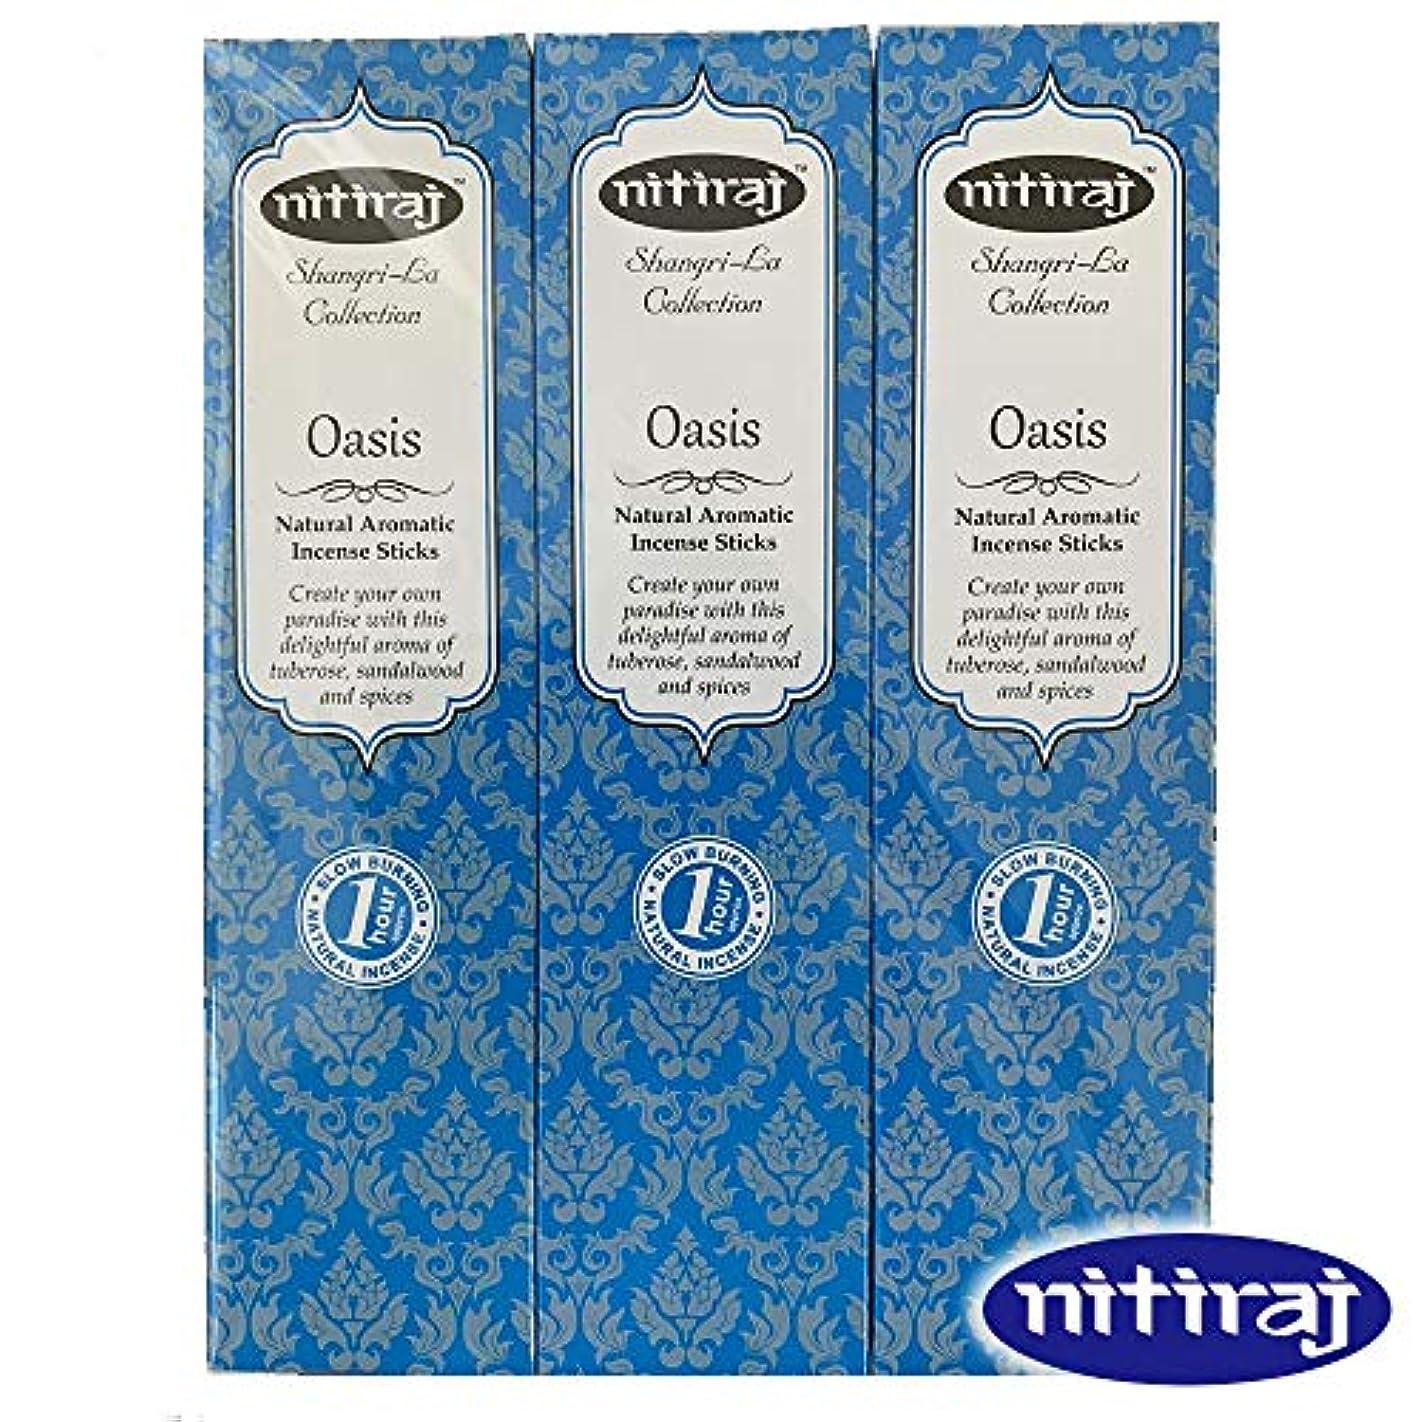 トイレ手首義務的お香 アロマインセンス Nitiraj(ニティラジ)Oasis(オアシス) 3箱セット(1箱10本入り) スティック型 100%天然素材 正規輸入代理店